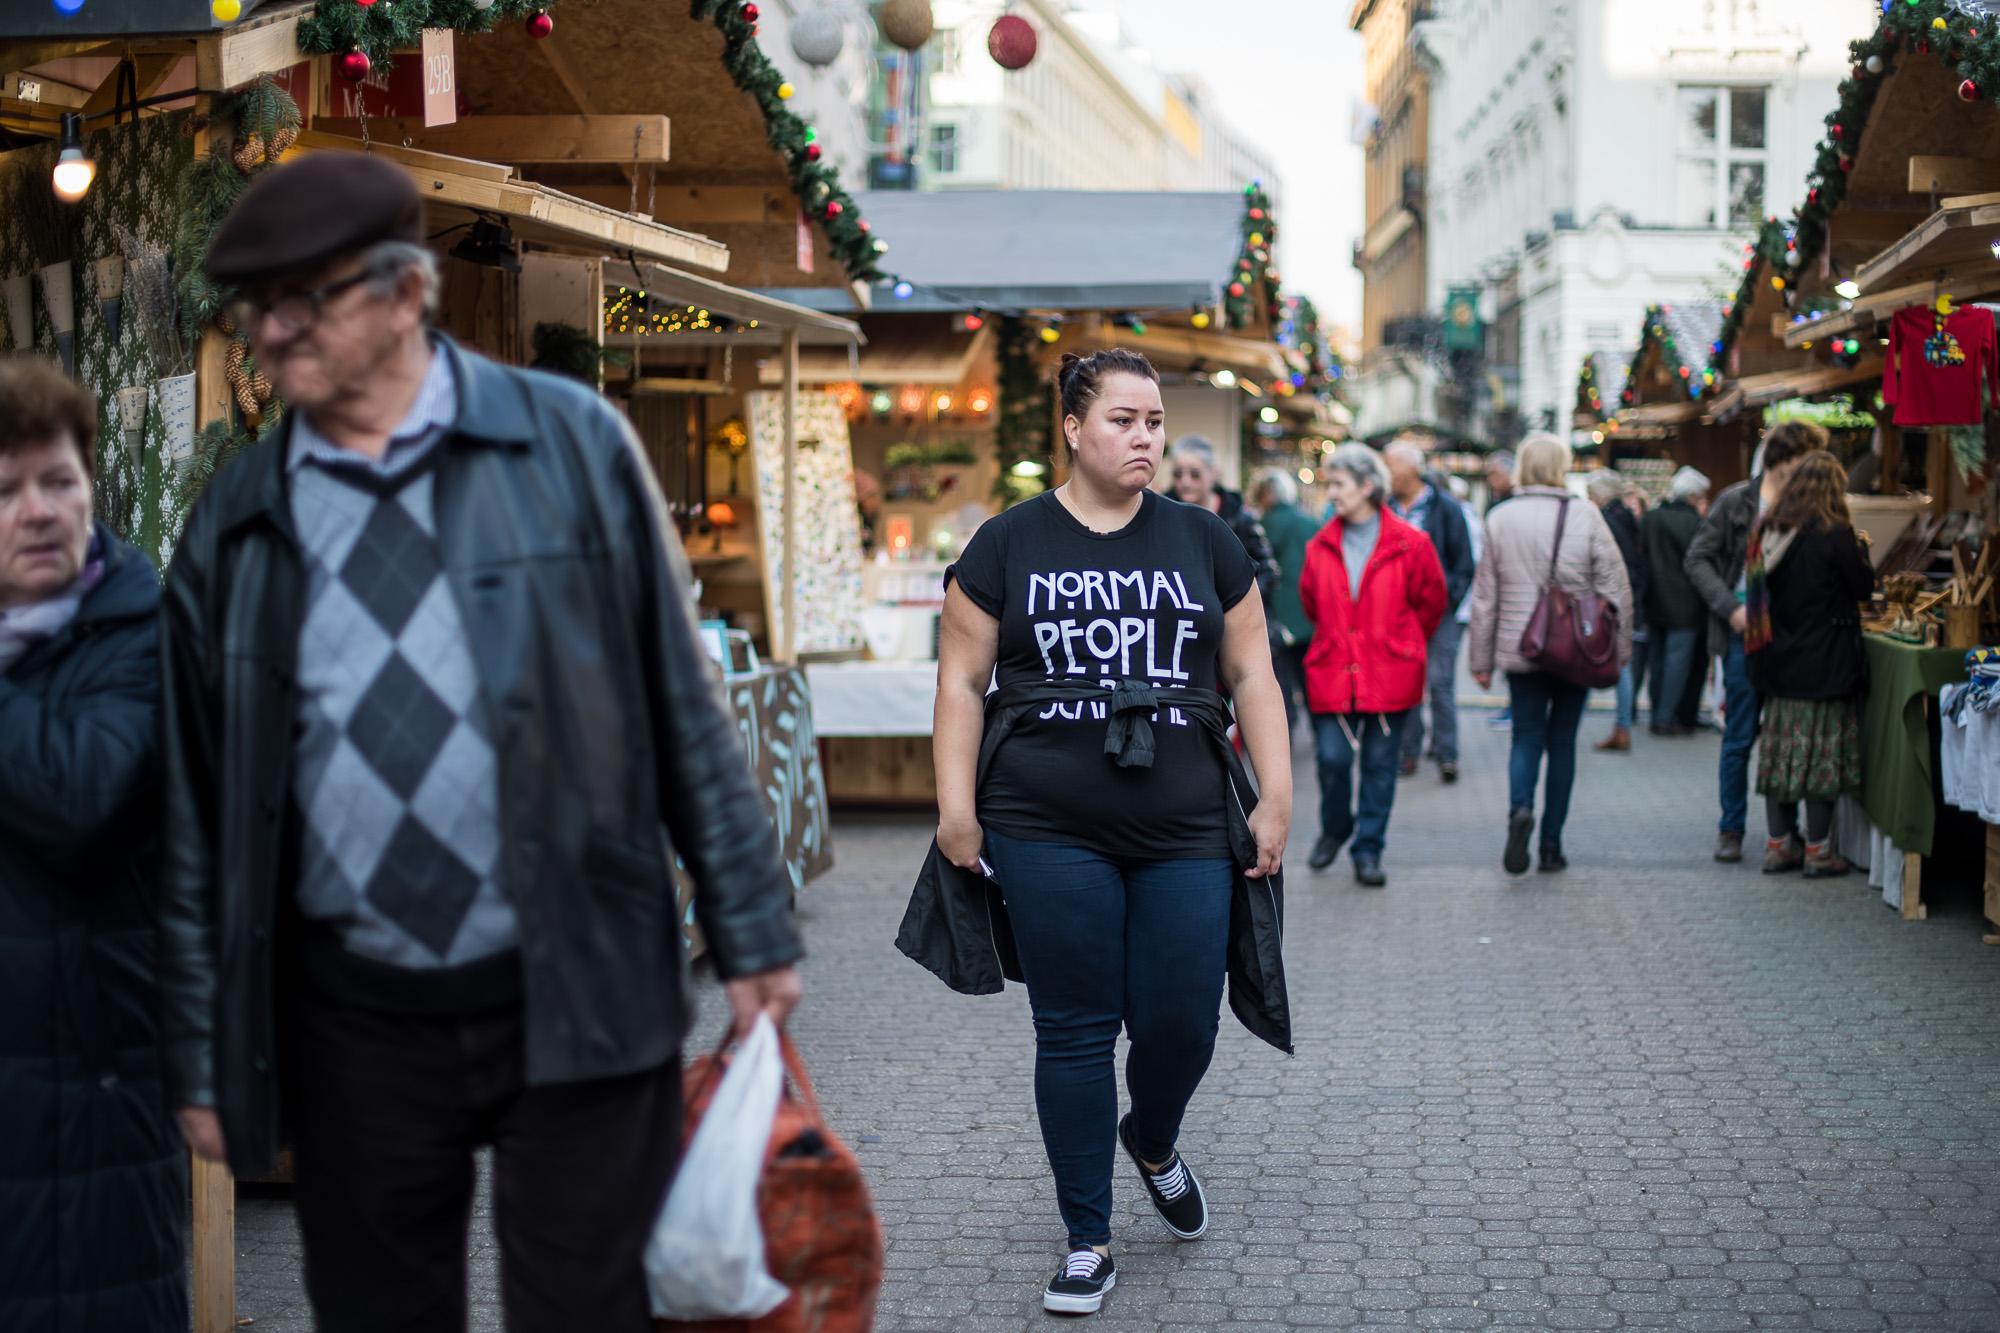 Karácsonyi vásár 2018-ban, 16 fokban. Fotó: Neményi Márton